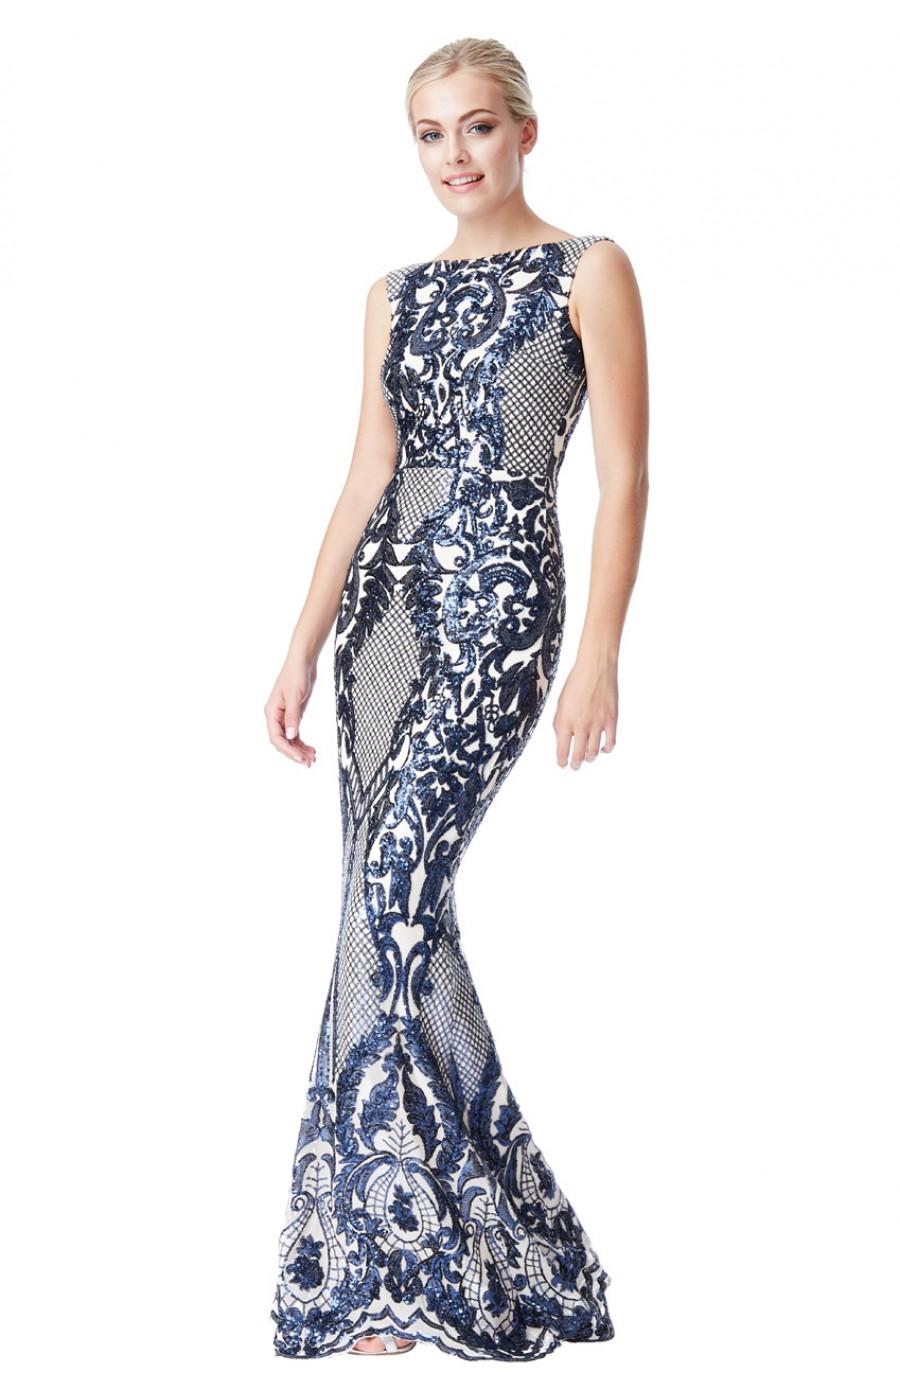 Φορεμα για γαμο Μπροκάρ κεντημένο φόρεμα μπεζ με μπλέ σκούρο